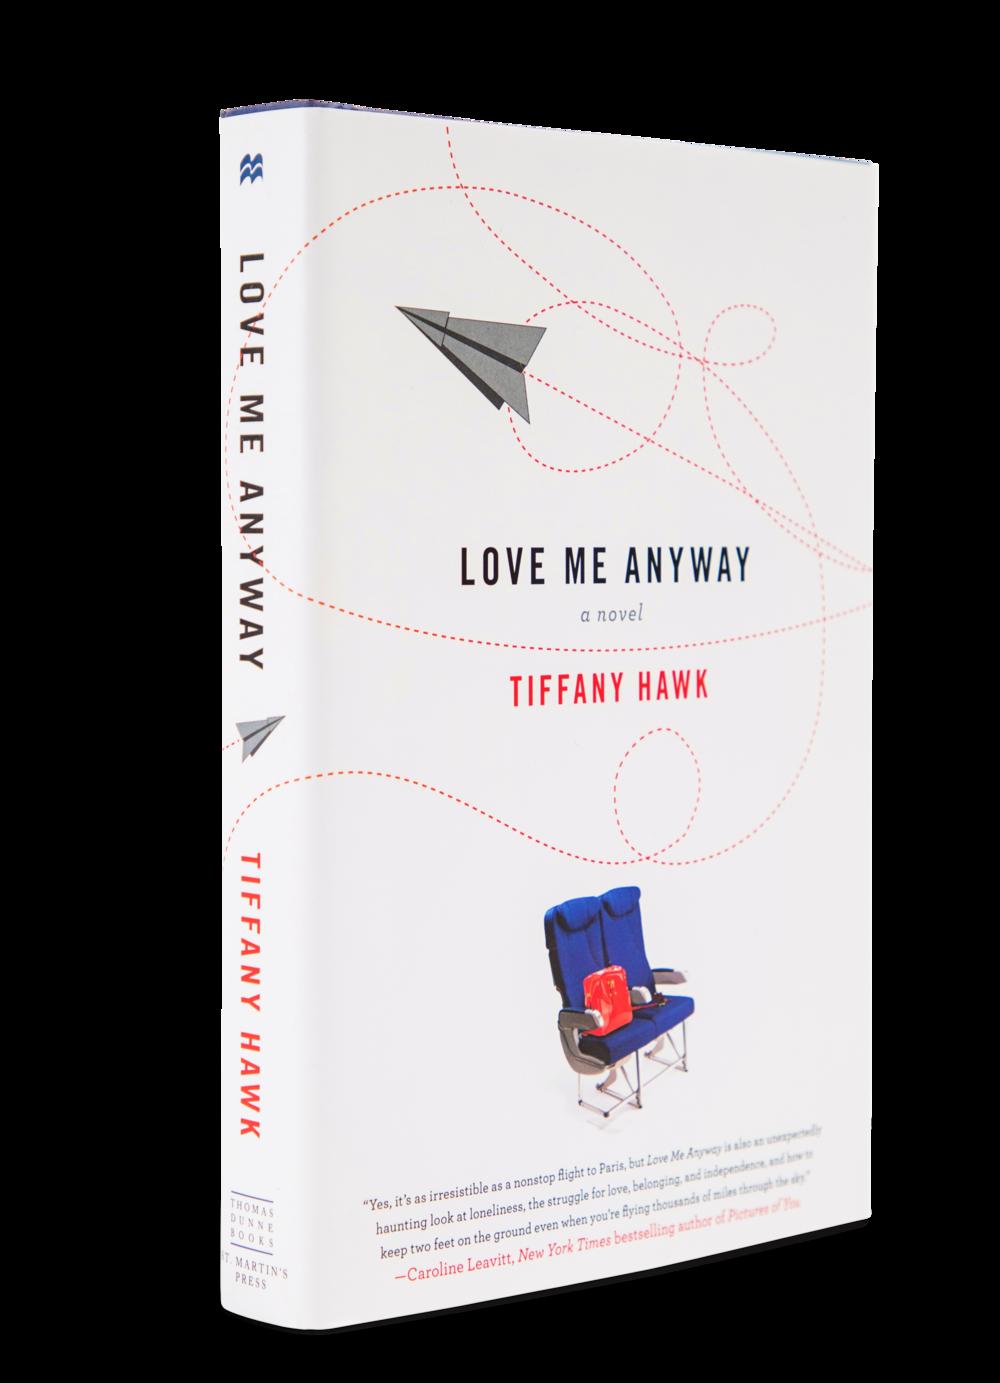 Love Me Anyway - A Novel | Author- Tiffany Hawk